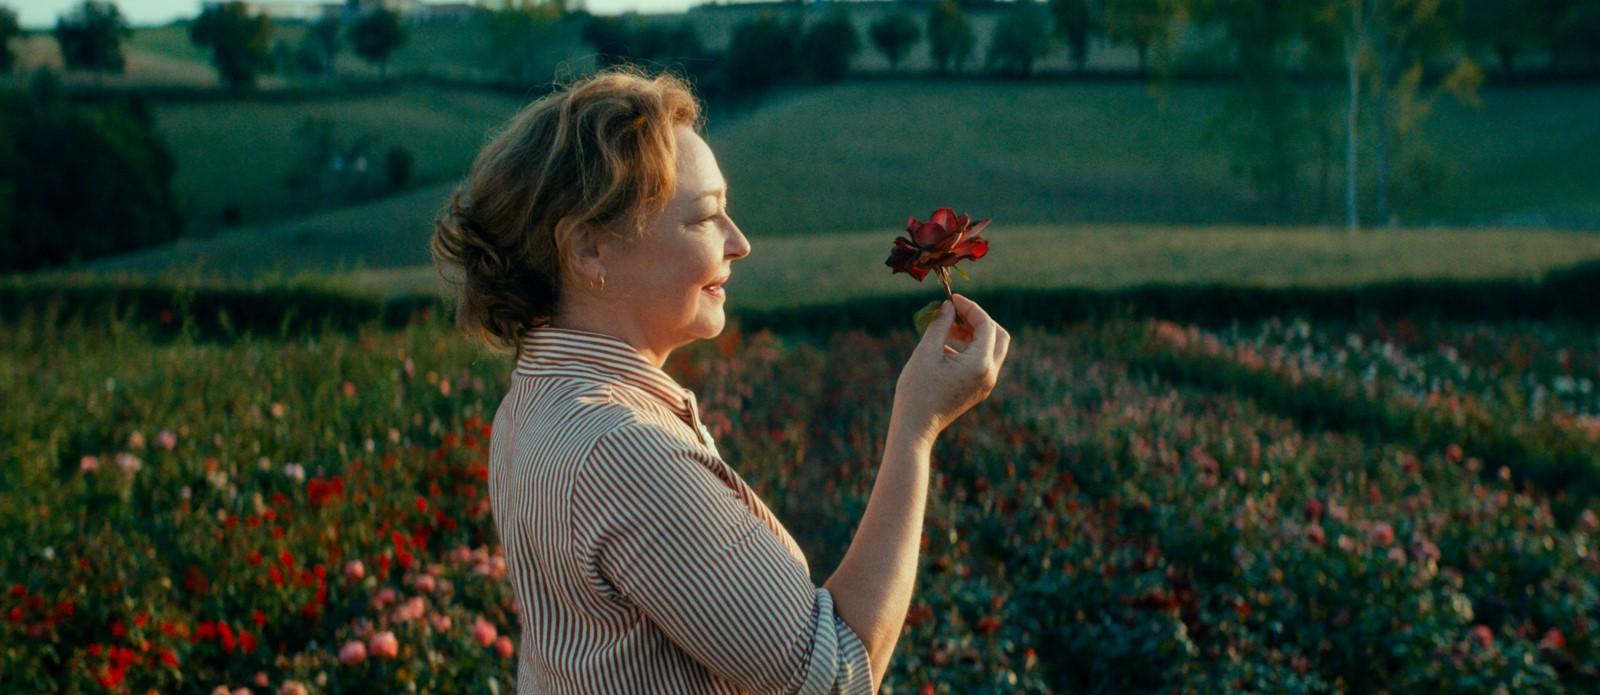 Photo du film La Fine fleur - Photo 1 sur 16 - AlloCiné